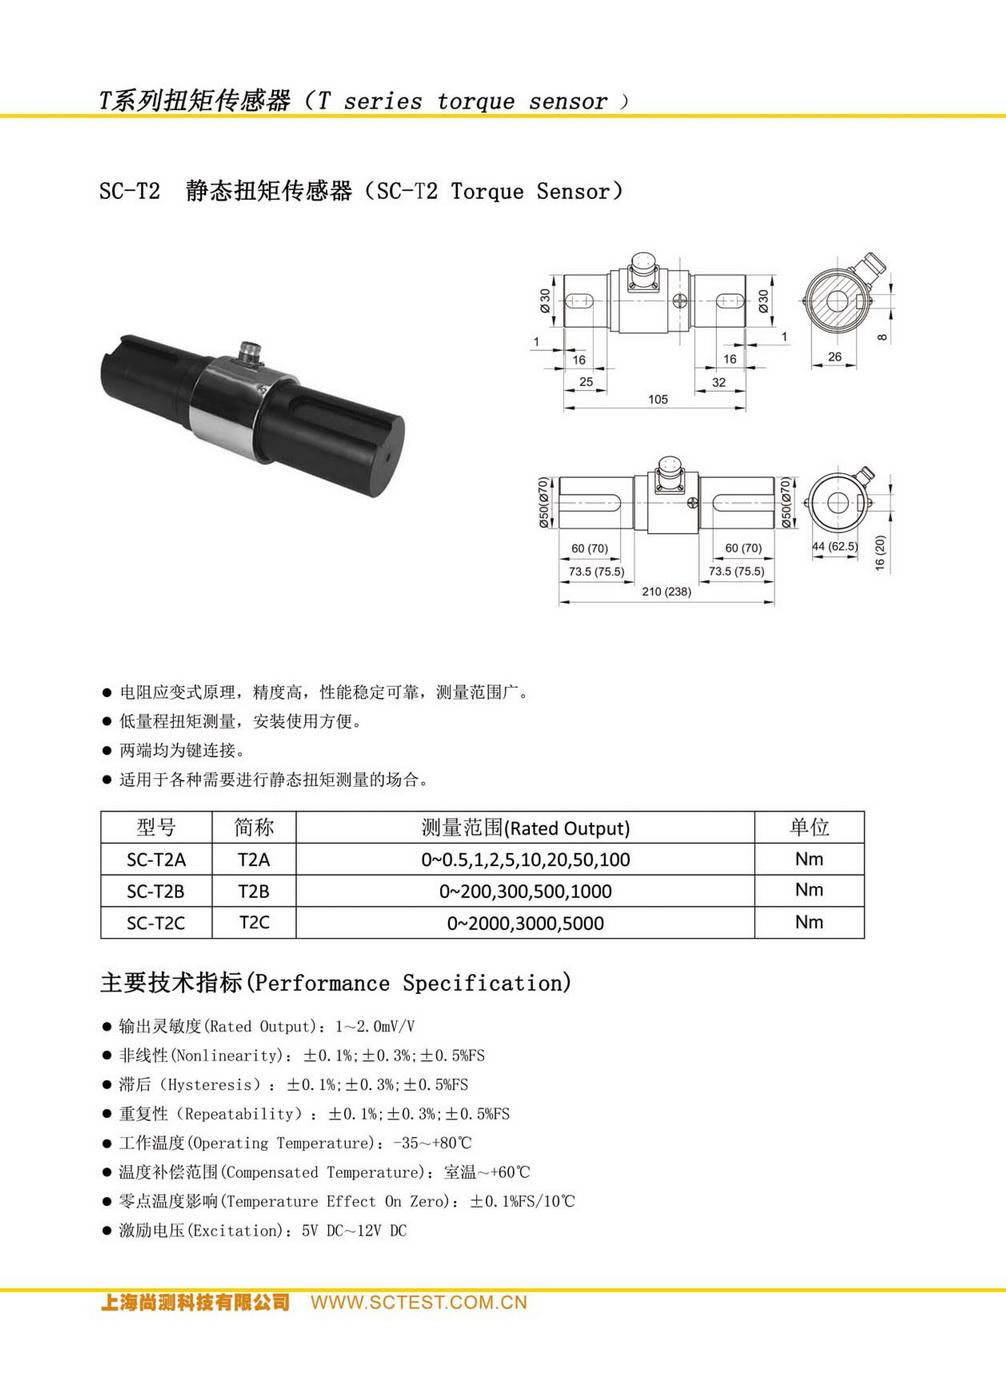 尚测科技产品选型手册 V1.3_页面_15_调整大小.jpg